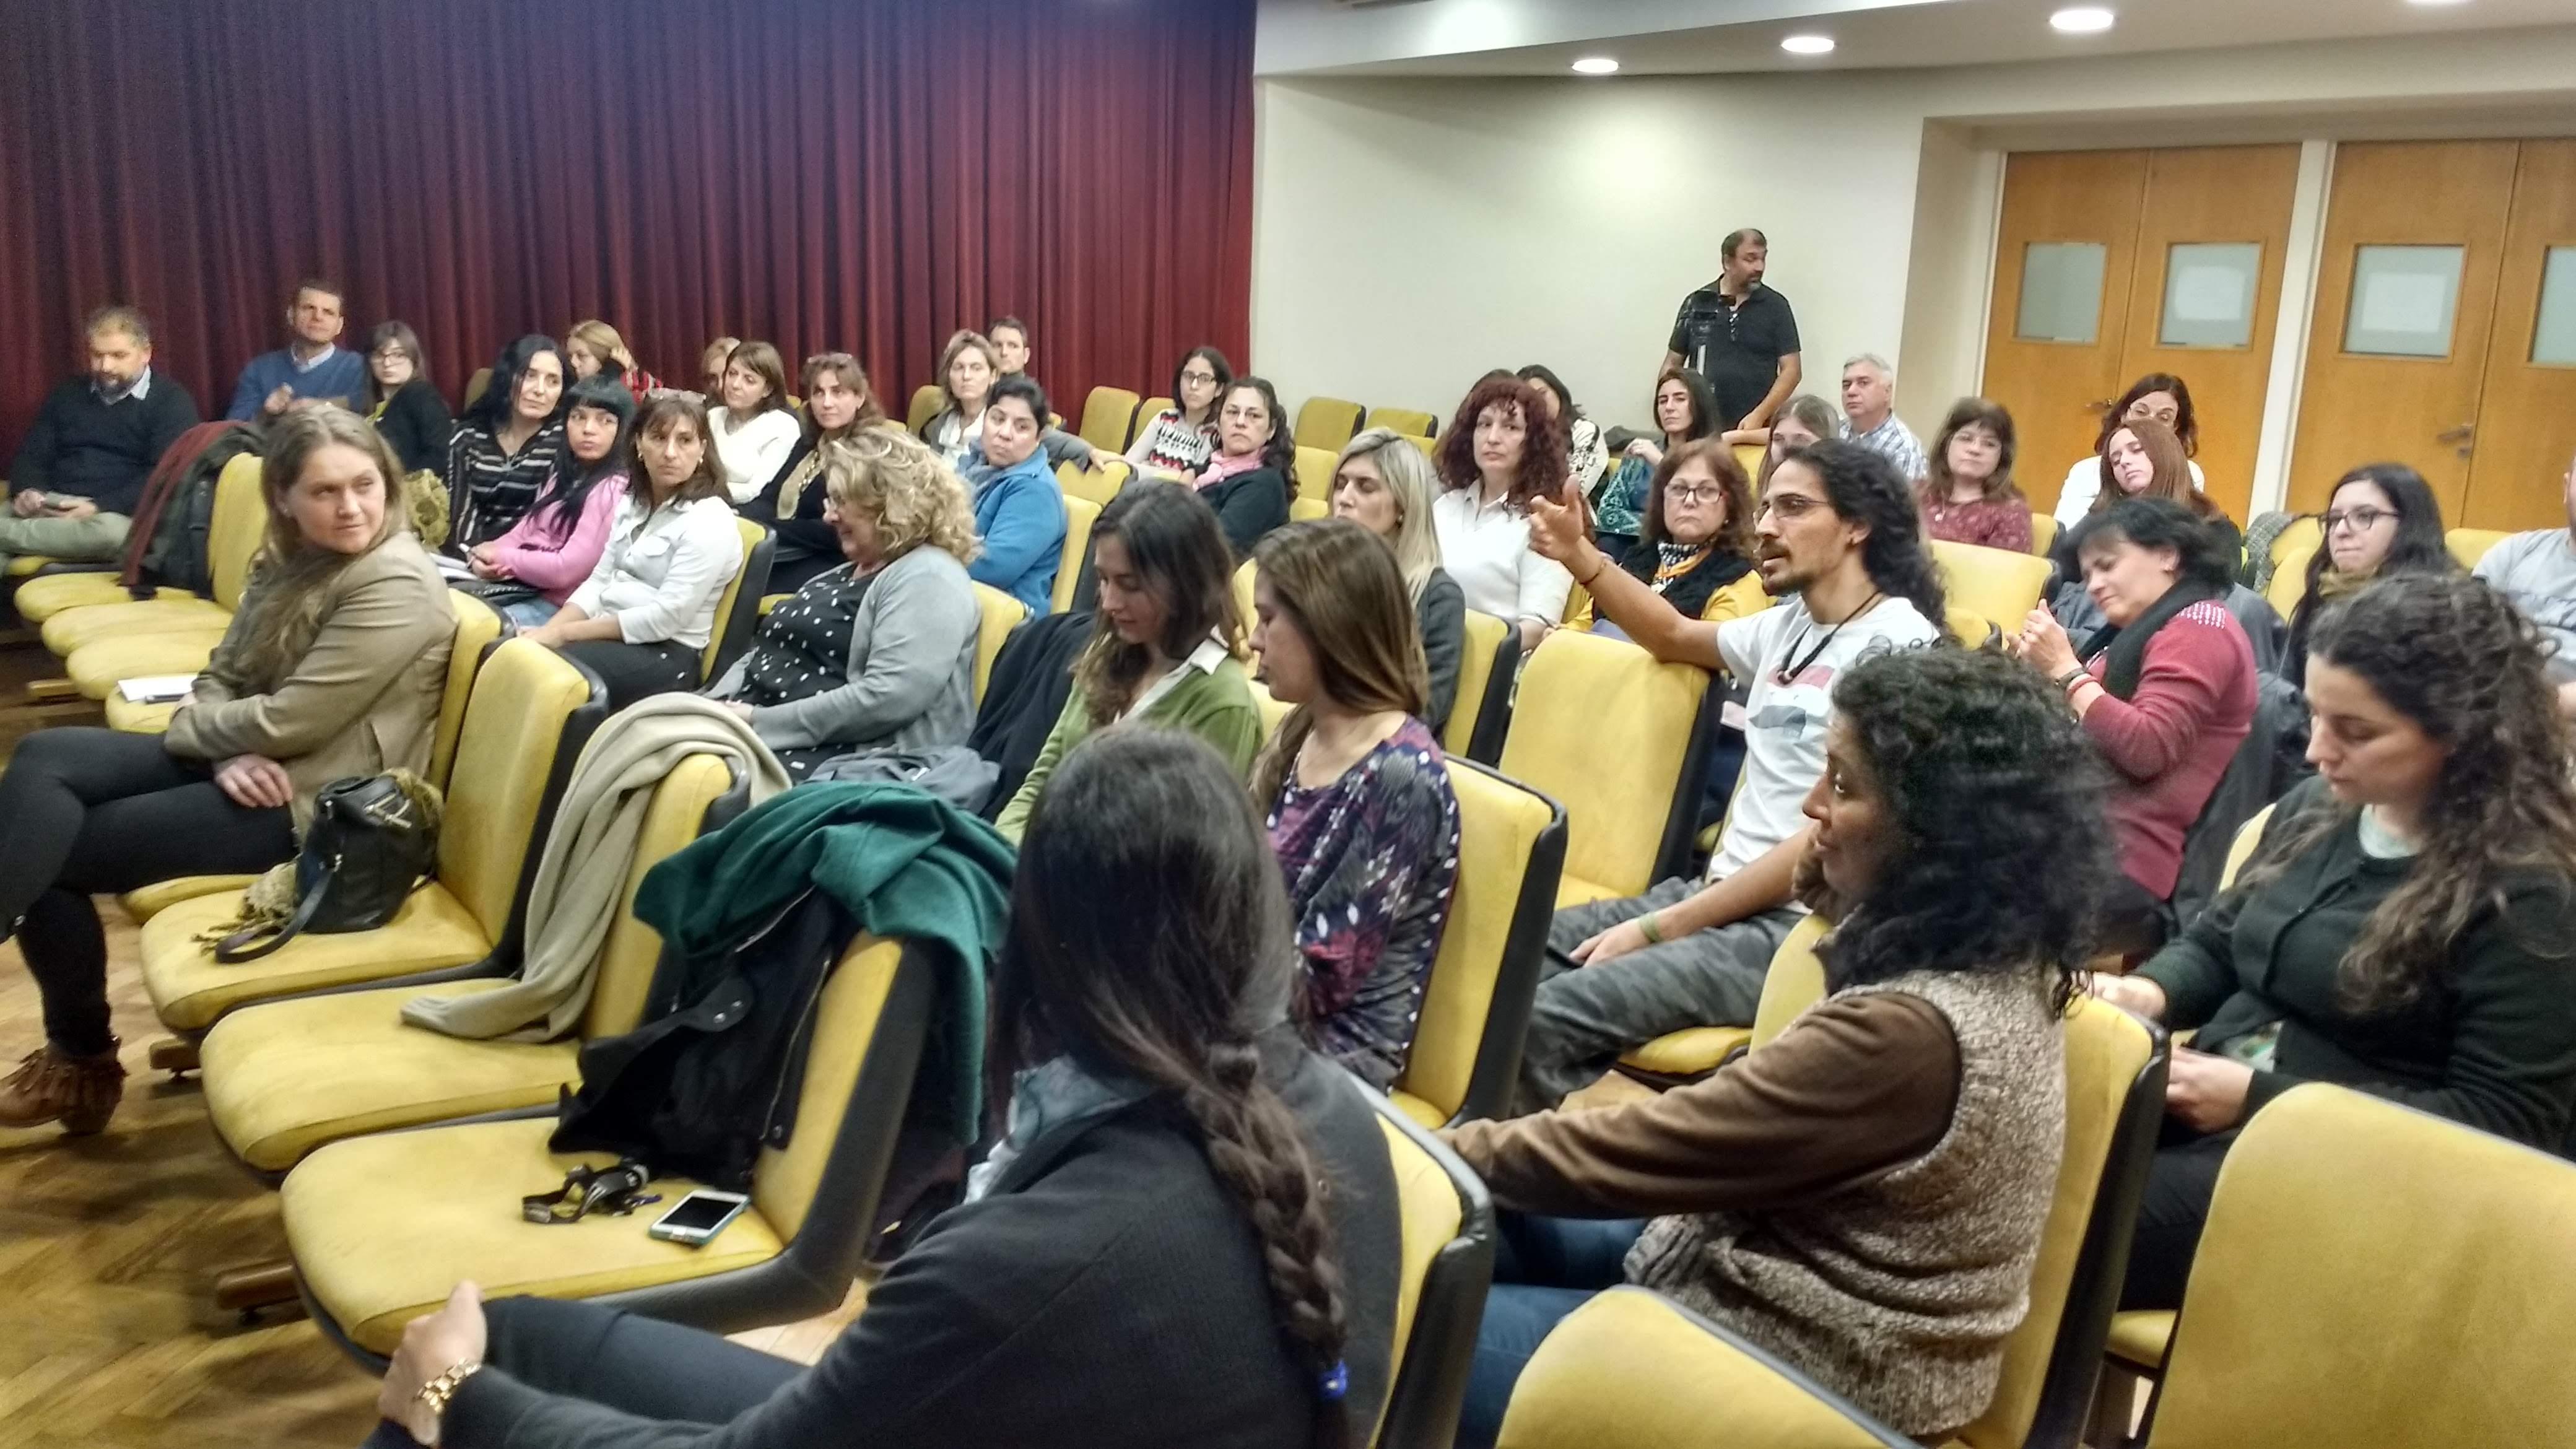 Vista de los asistentes en el Auditorio FCQ (UNC).